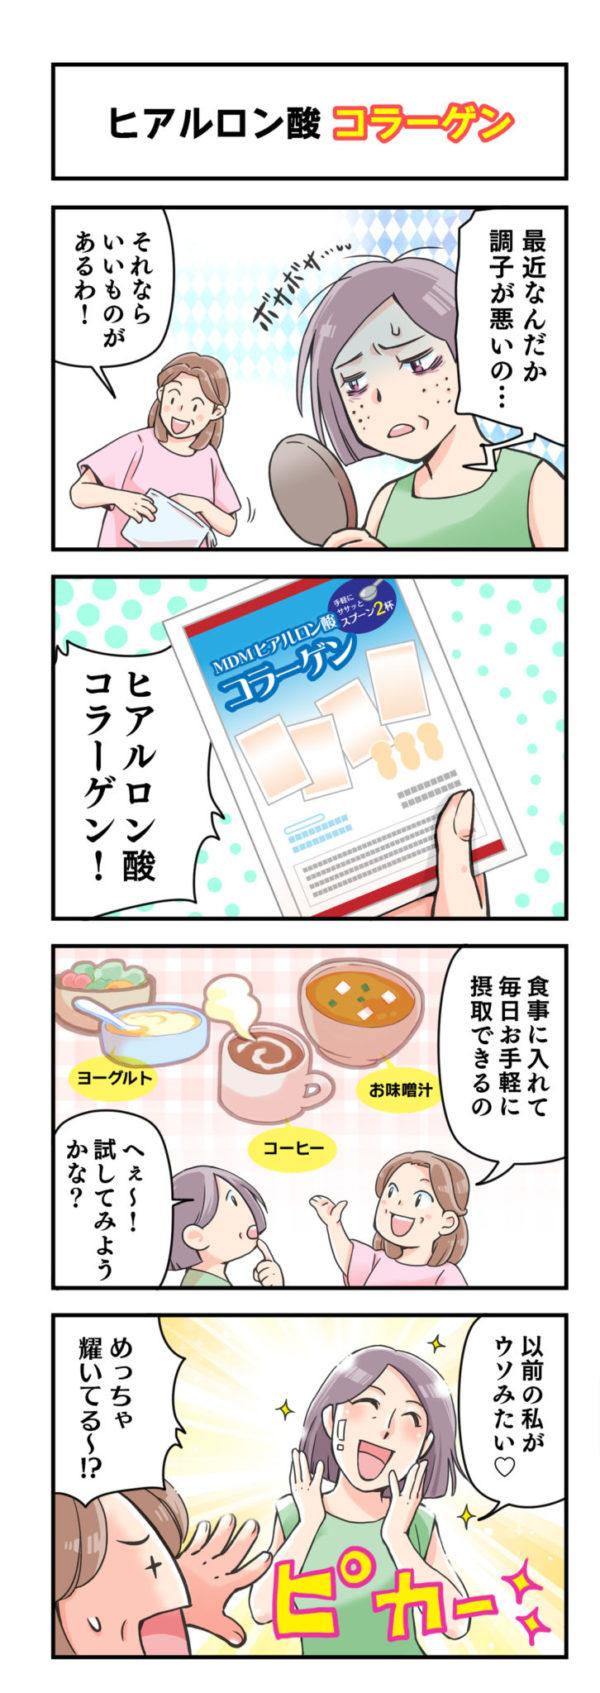 「ヒアルロン酸コラーゲン」商品紹介マンガ